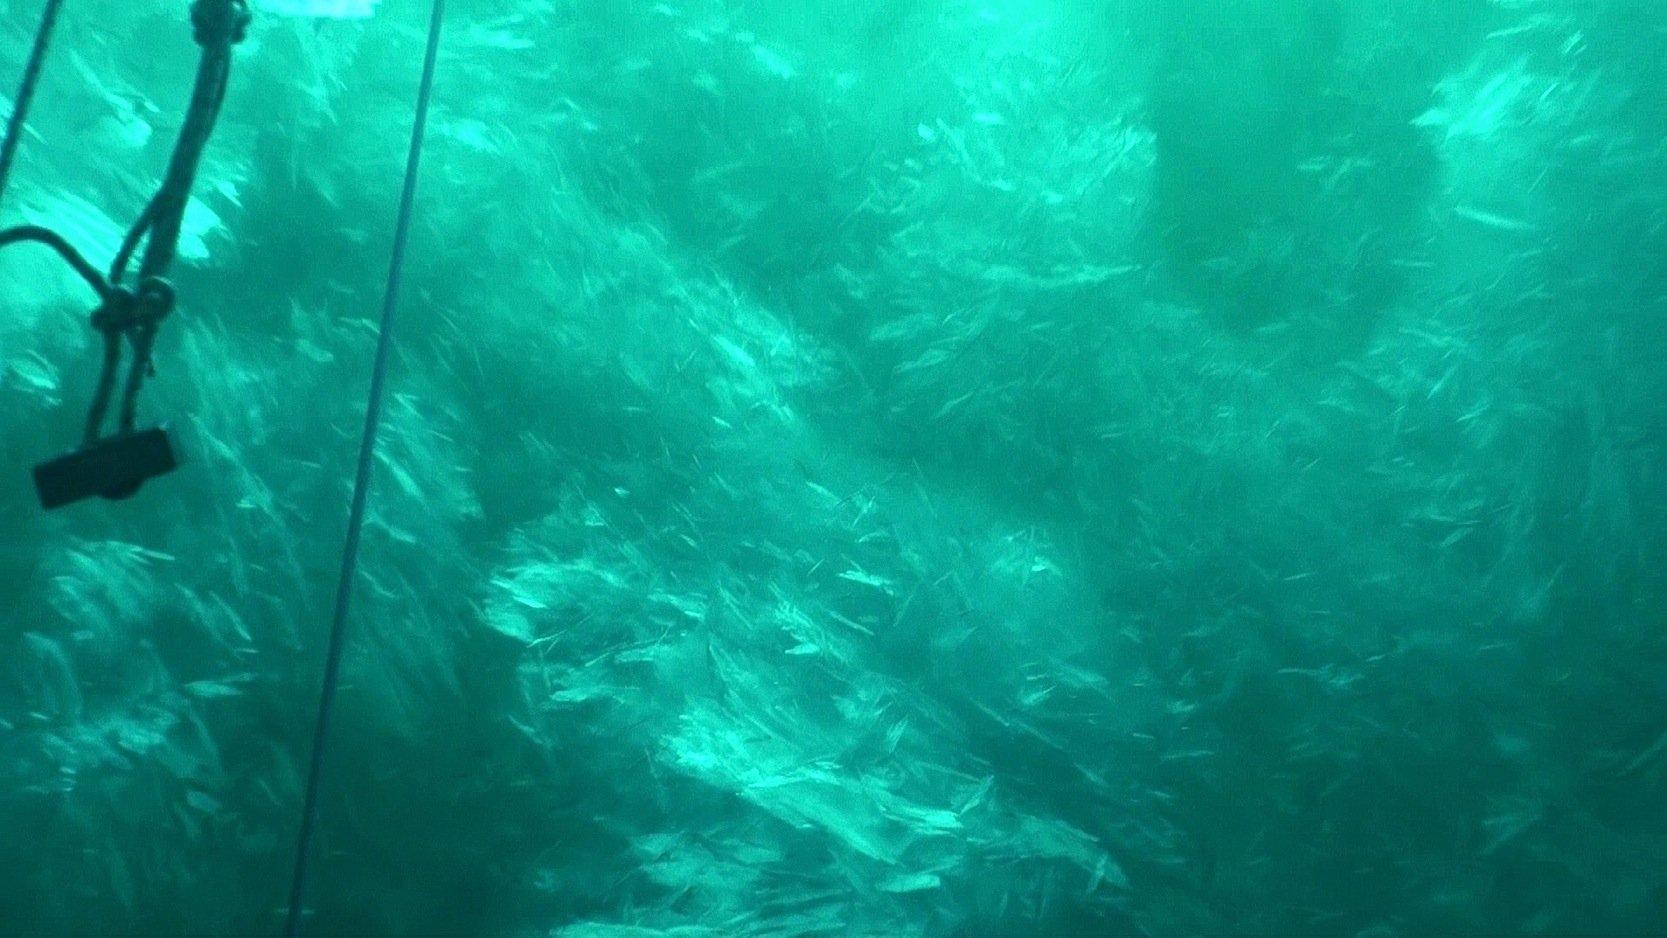 Der größte Cocktail des Meeres: Wie Crushed Ice wirken die Schichten unter dem Schelfeis der Antarktis, in denen sich Wasser und Eissplitter zu einer Eissuppe vermischen. Sie ist Schutz- und Lebensraum für kleinste Krebse und Fische. Sie sind Lebensgrundlage für größere Meeresbewohner.